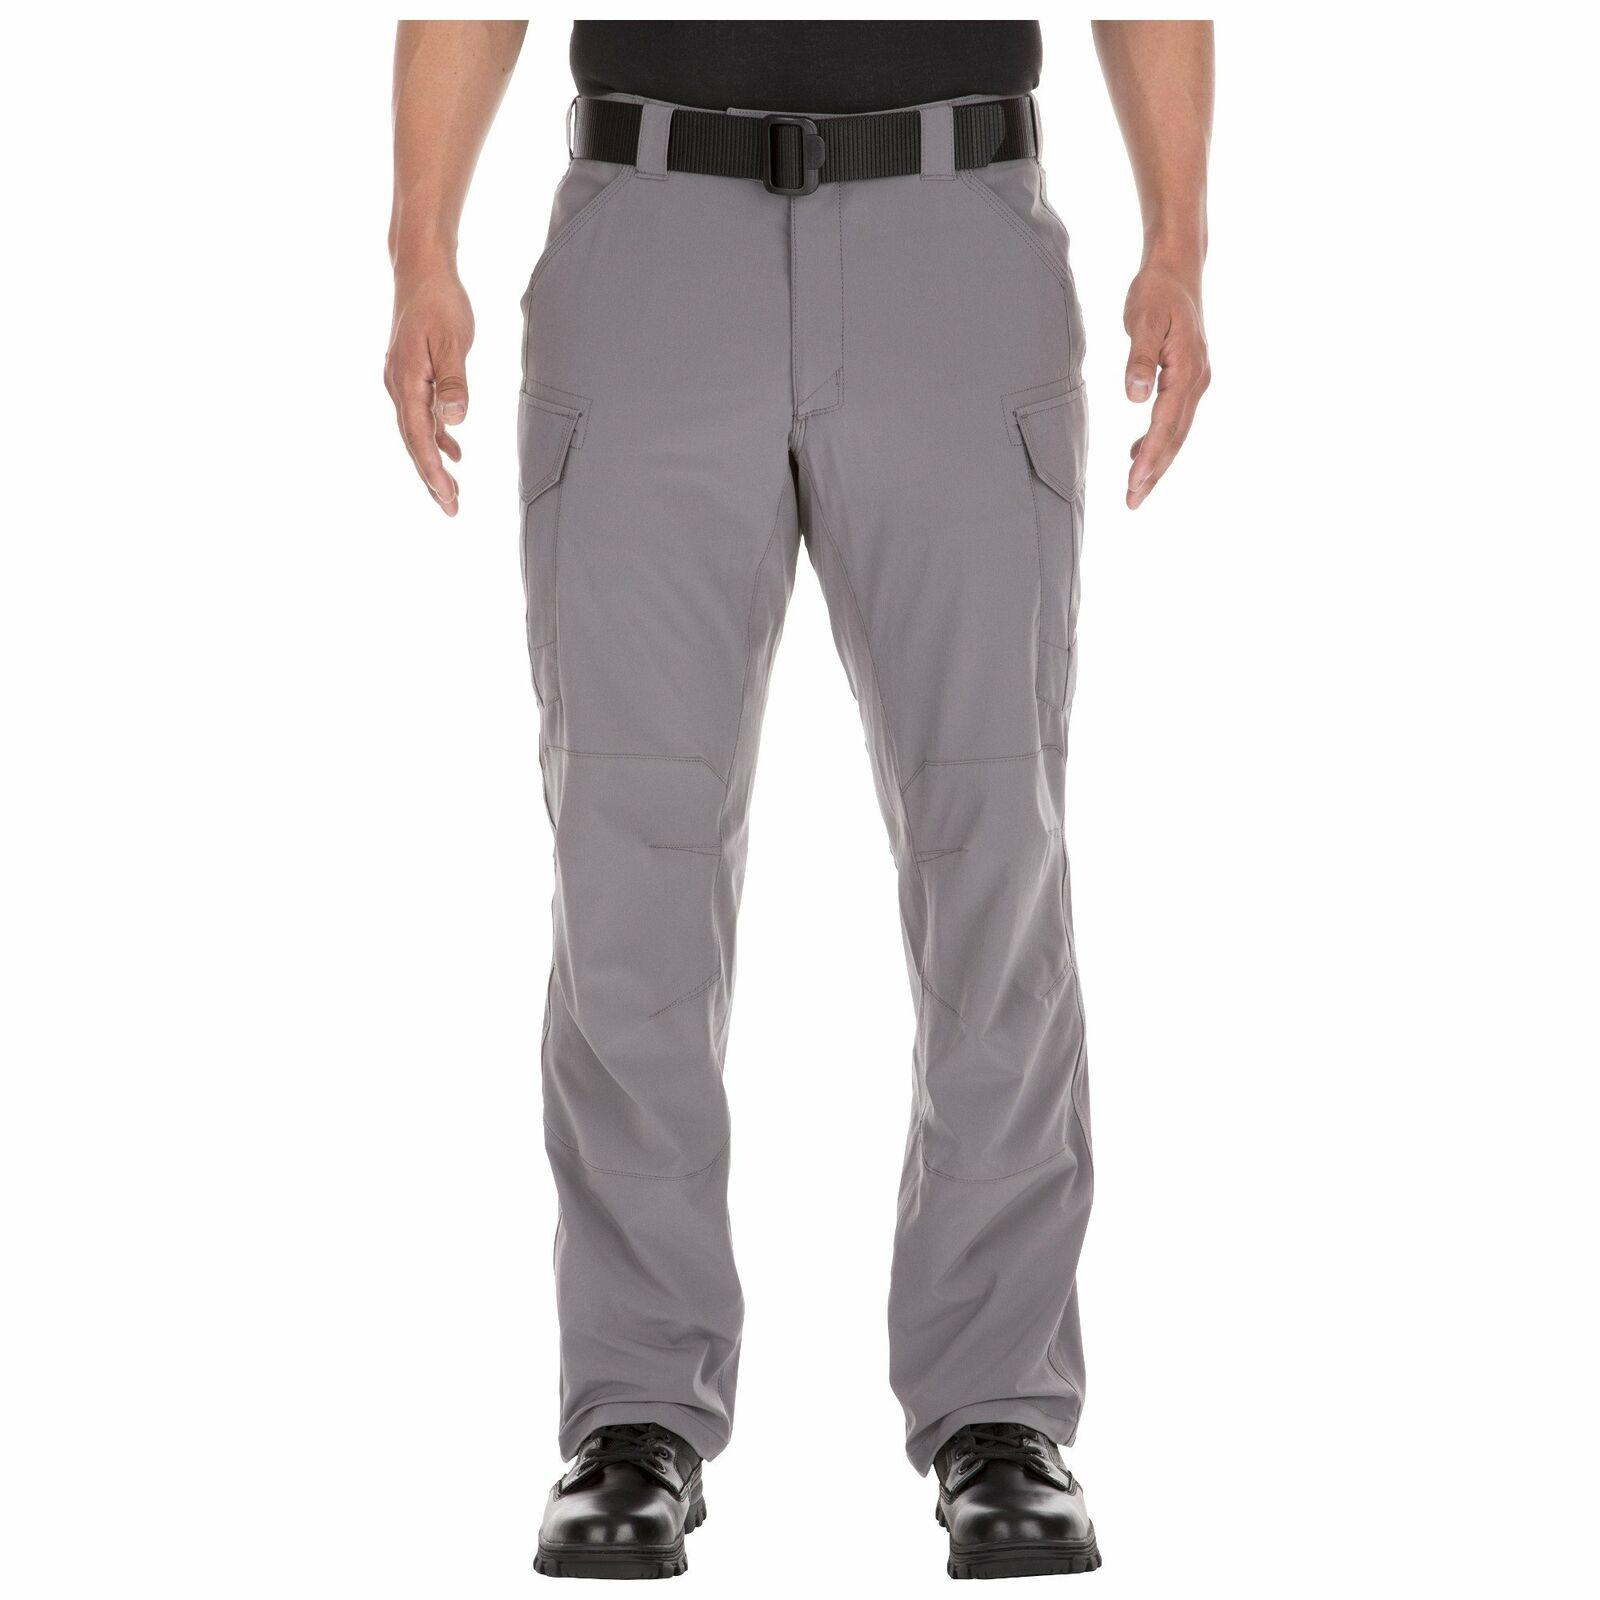 Nuevo 5.11 Tactical Transversal 2.0 Trabajo Ligero Pantalón para Hombre 32x32